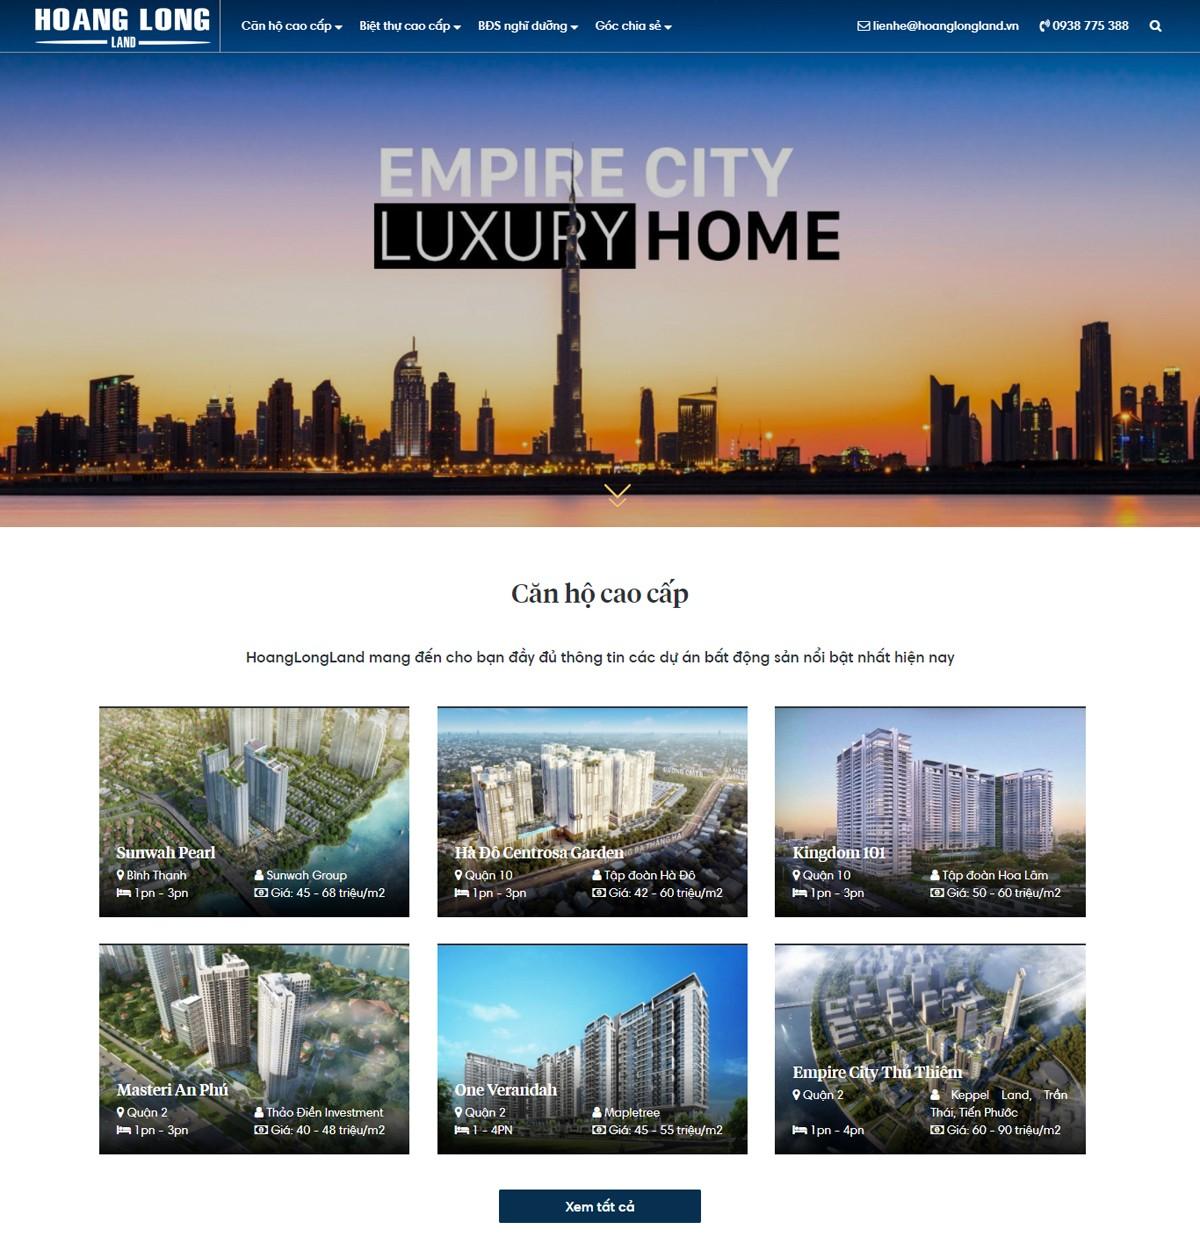 Thiết kế website BĐS cao cấp tại HWP.com.vn